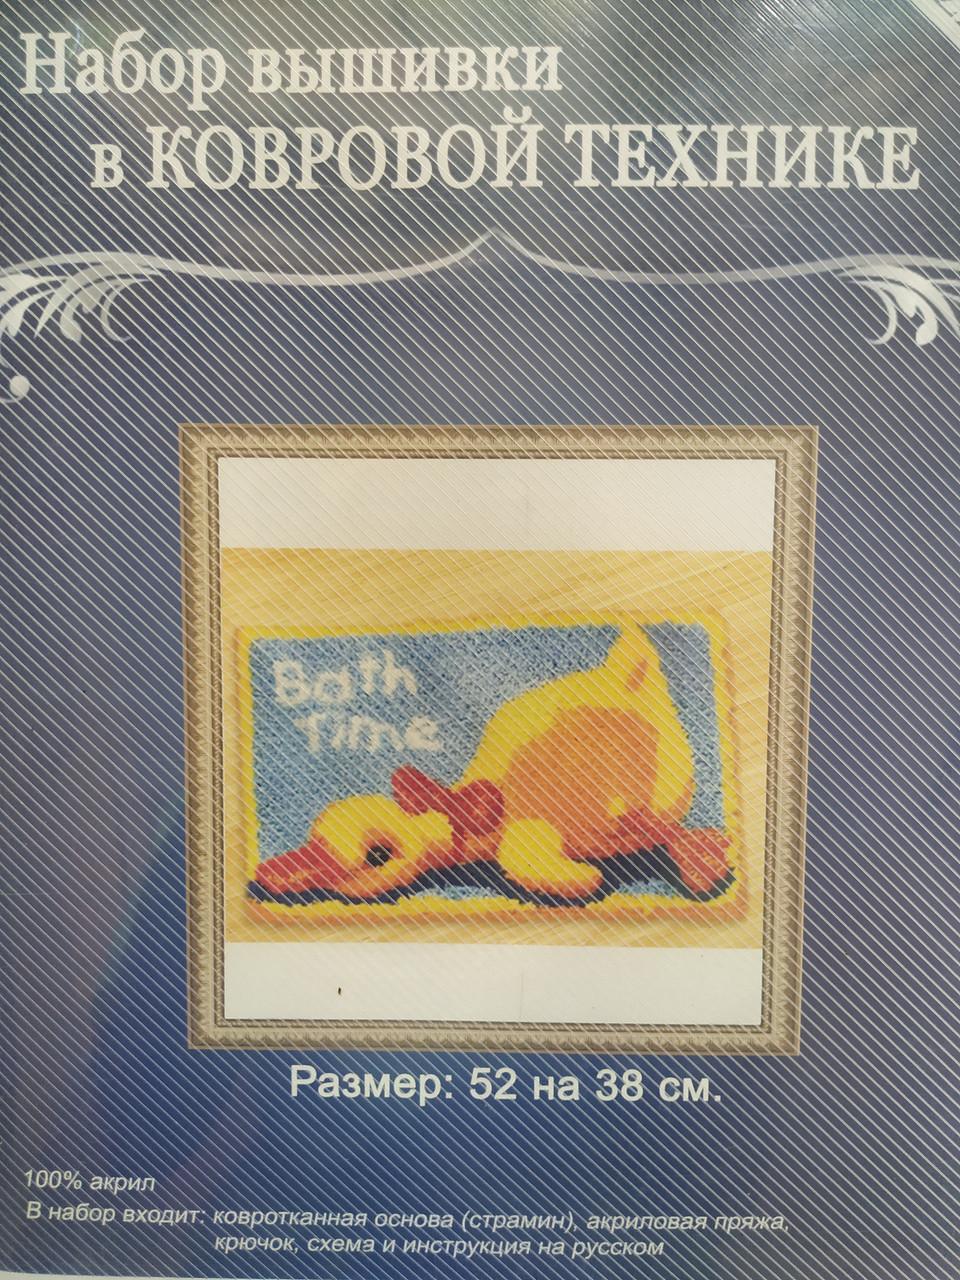 Вышивка в ковровой технике  , 52x38 cm